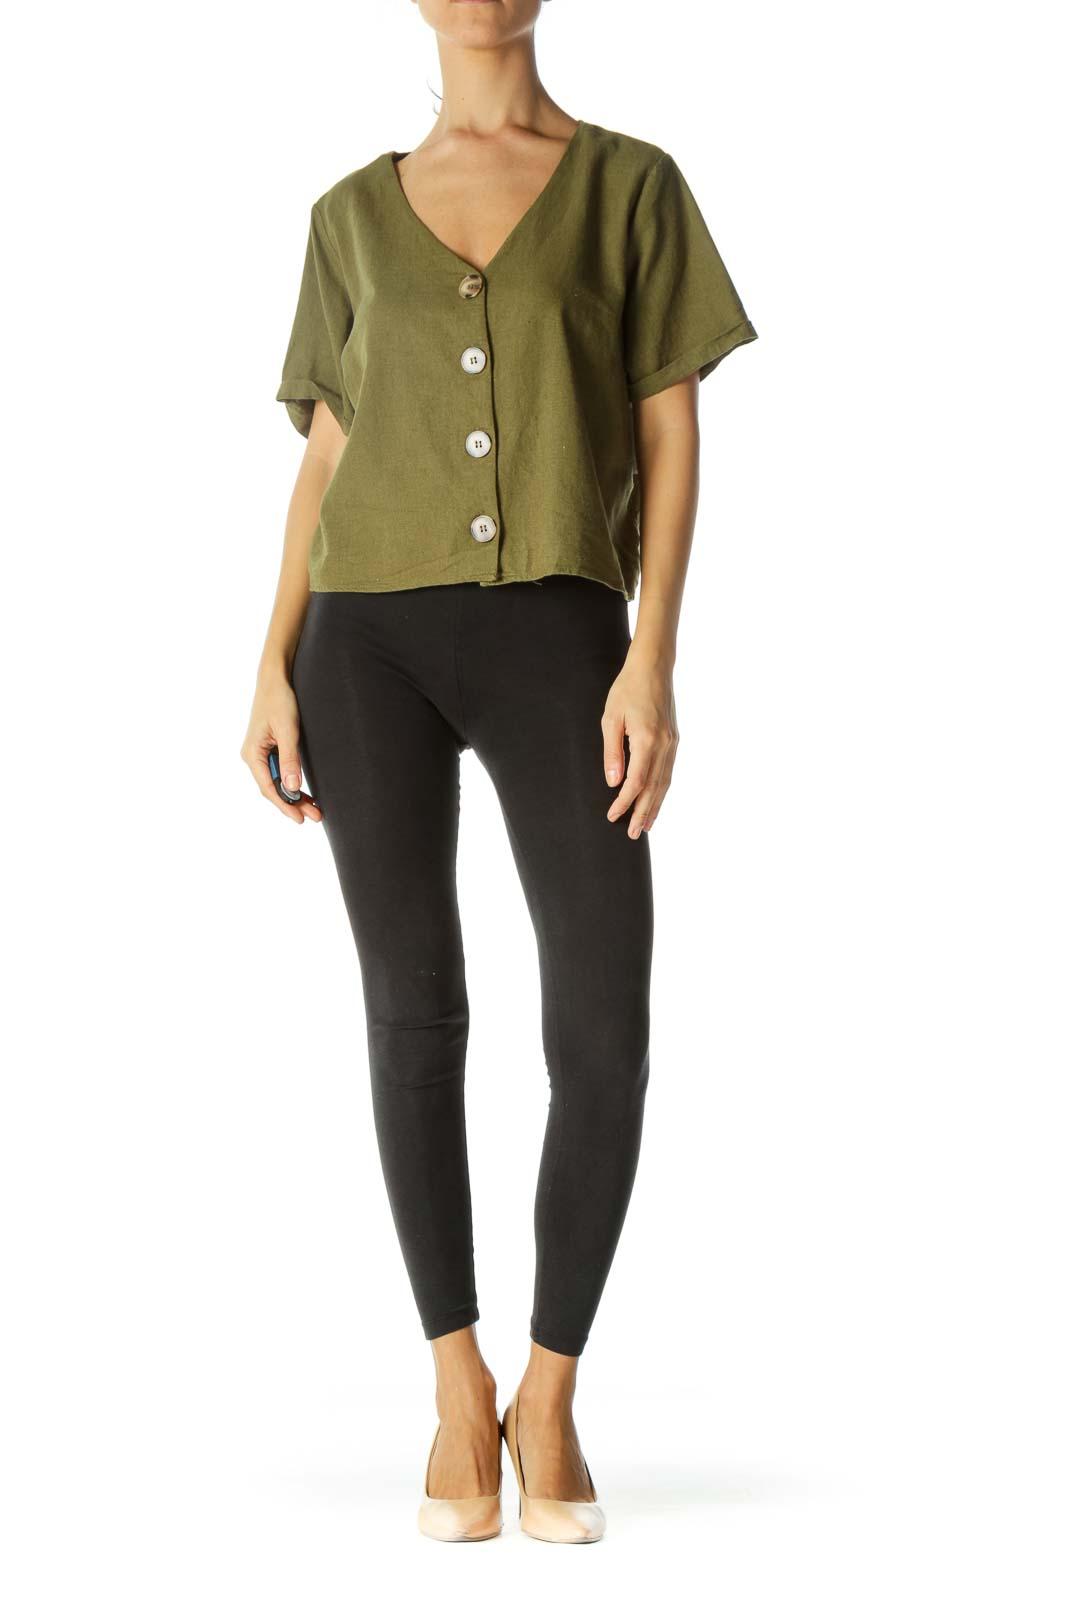 Green V-Neck Buttoned Linen Short-Sleeve Top